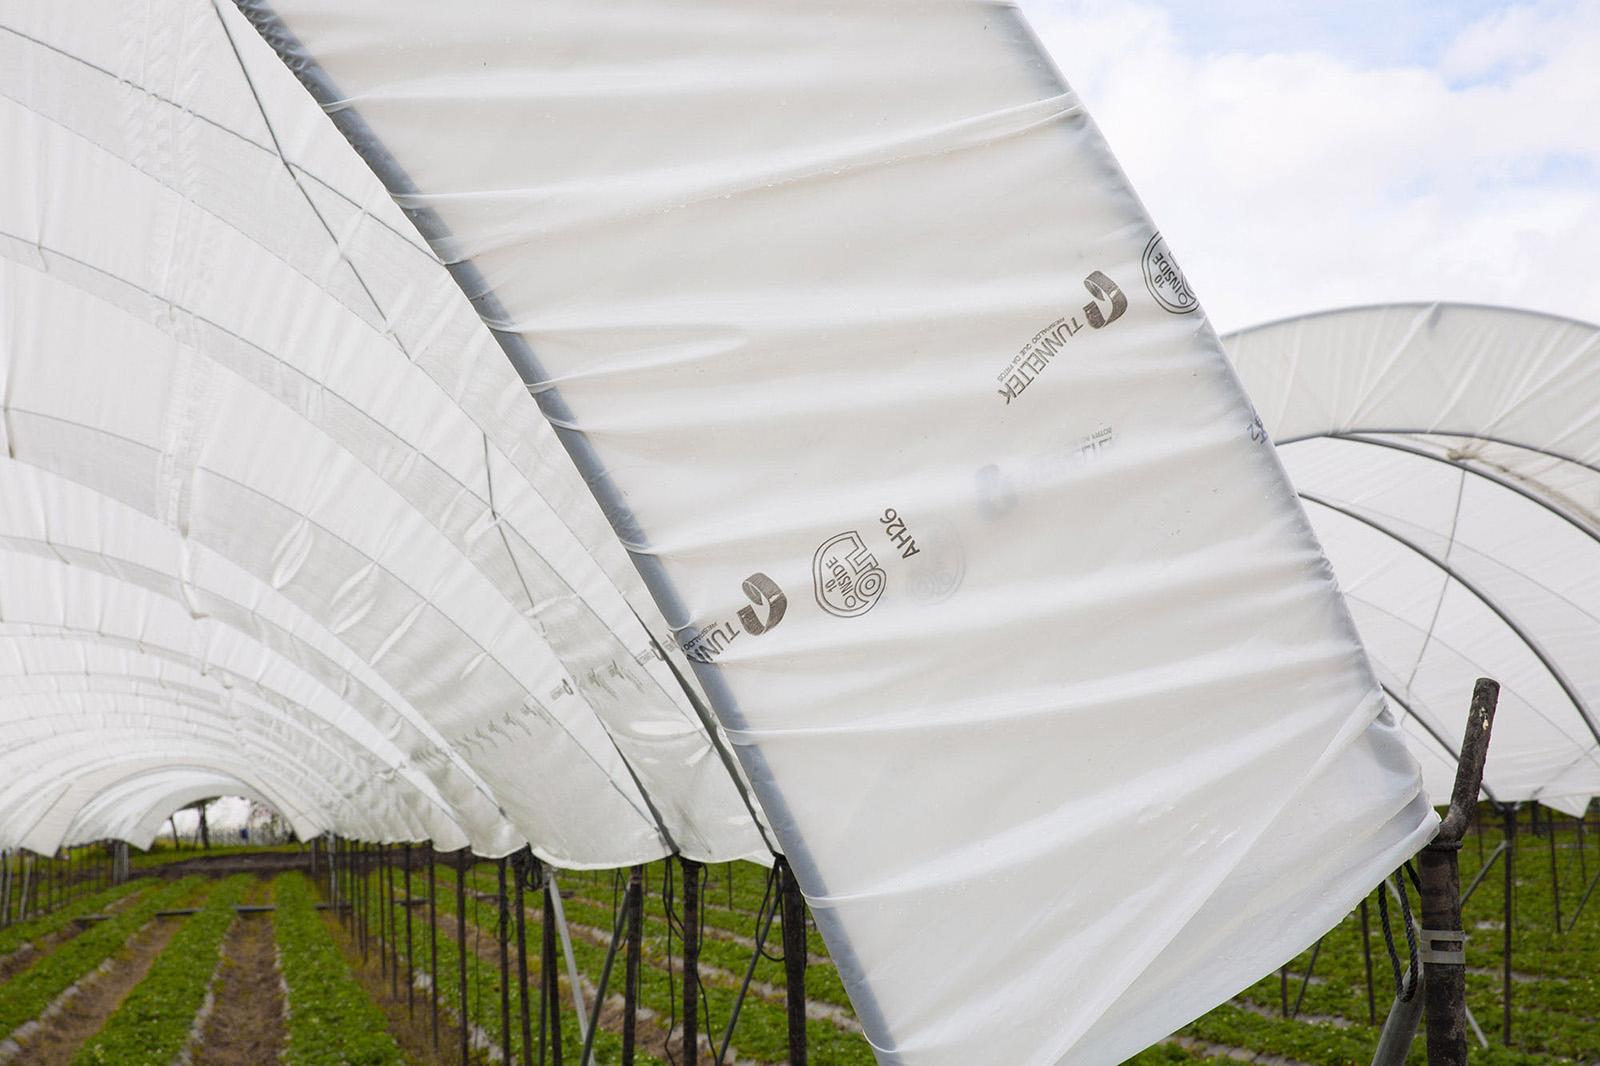 Tunneltek es proveedor exclusivo de Ginegar Plastic Products, líder mundial en desarrollo y producción de materiales de cubierta plástica para uso agrícola.